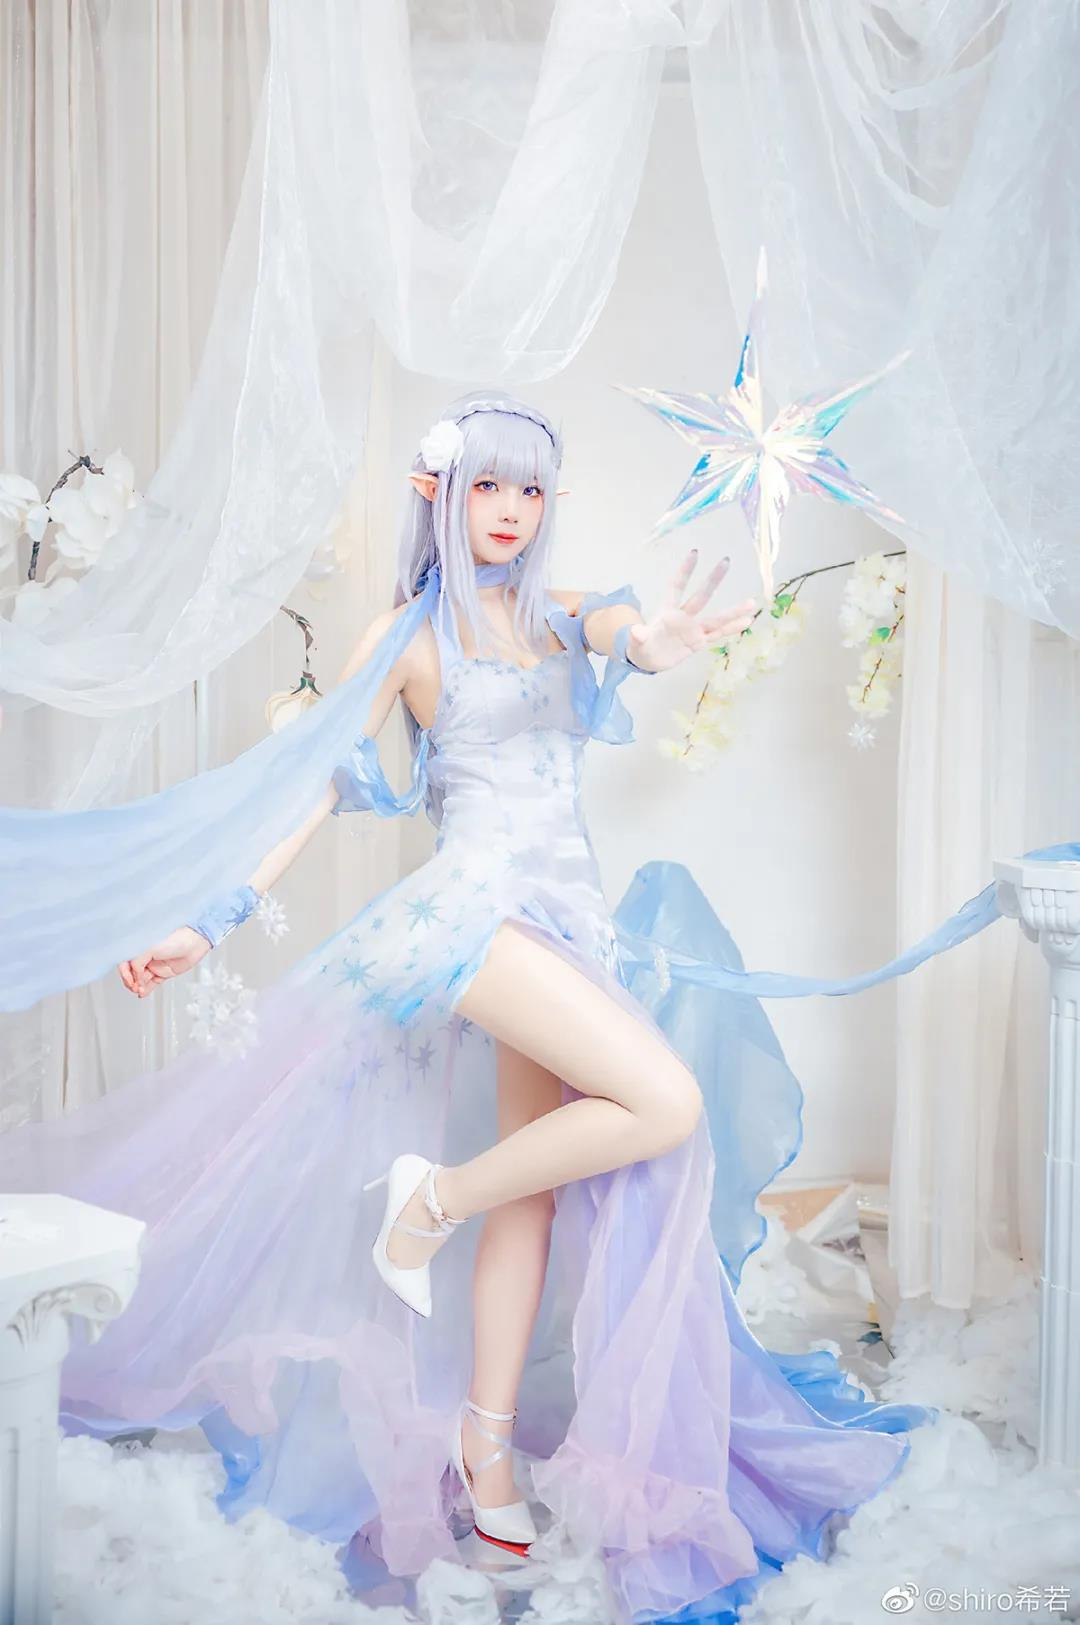 shiro希若爱蜜莉雅COS写真,穿着水晶礼服的公主殿下